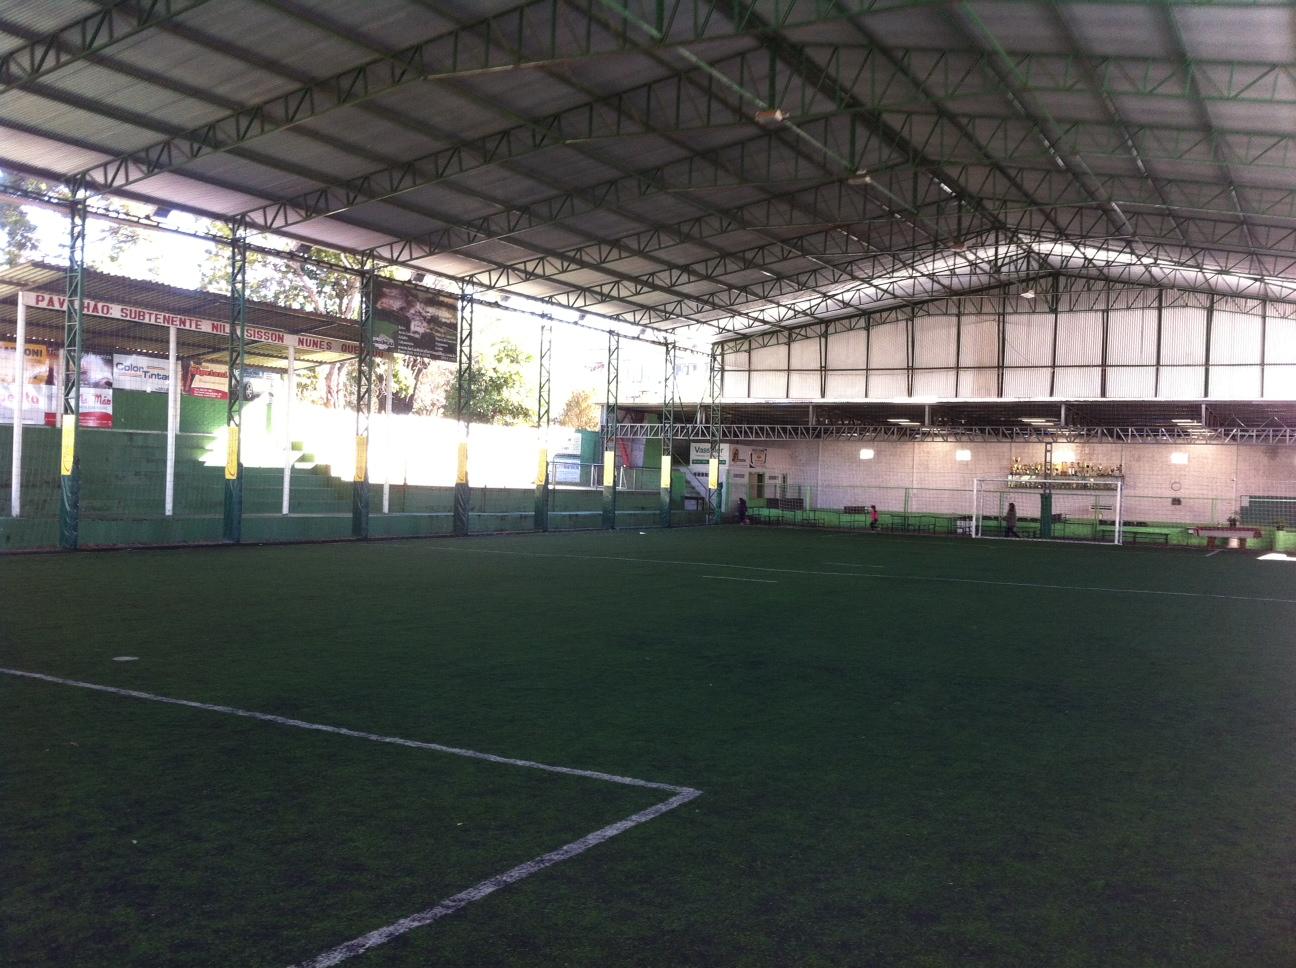 ASSTBM - Campo de futebol de grama sintética - Passo Fundo / Rio Grande do Sul